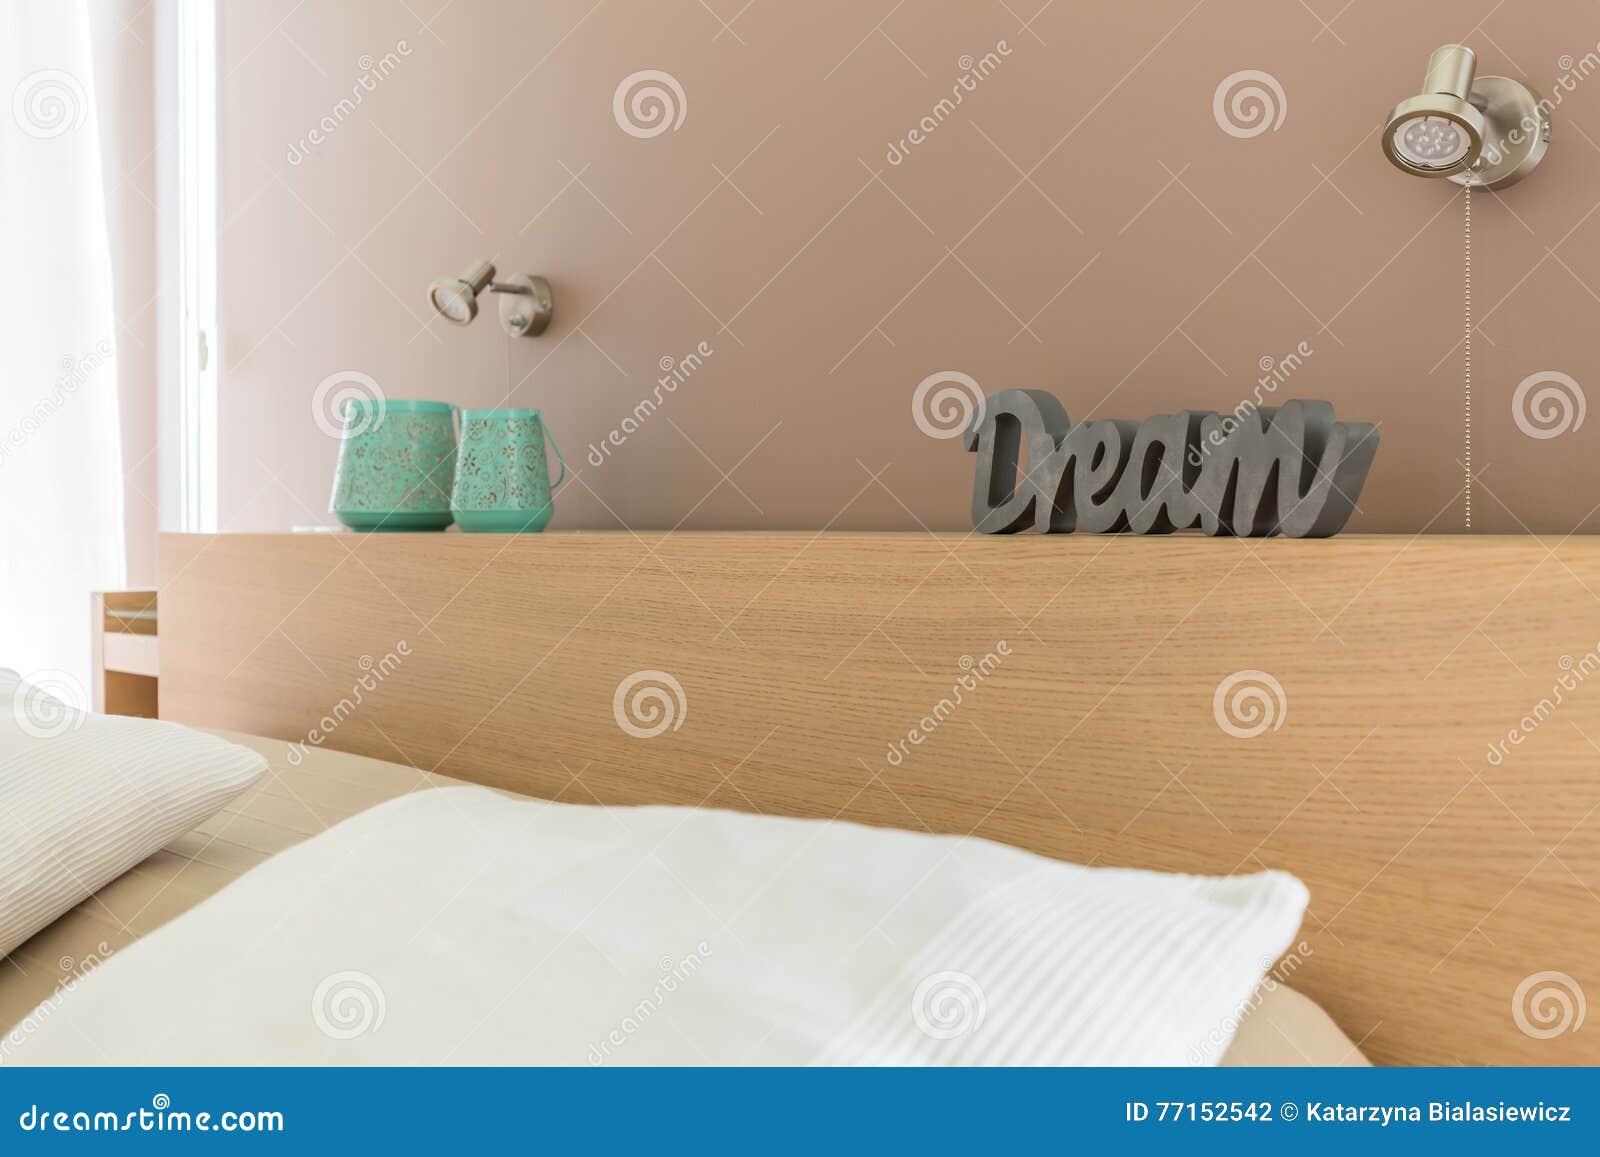 Slaapkamer Slaap Wolken : Dromerige slaapkamer in beige idee stock foto afbeelding